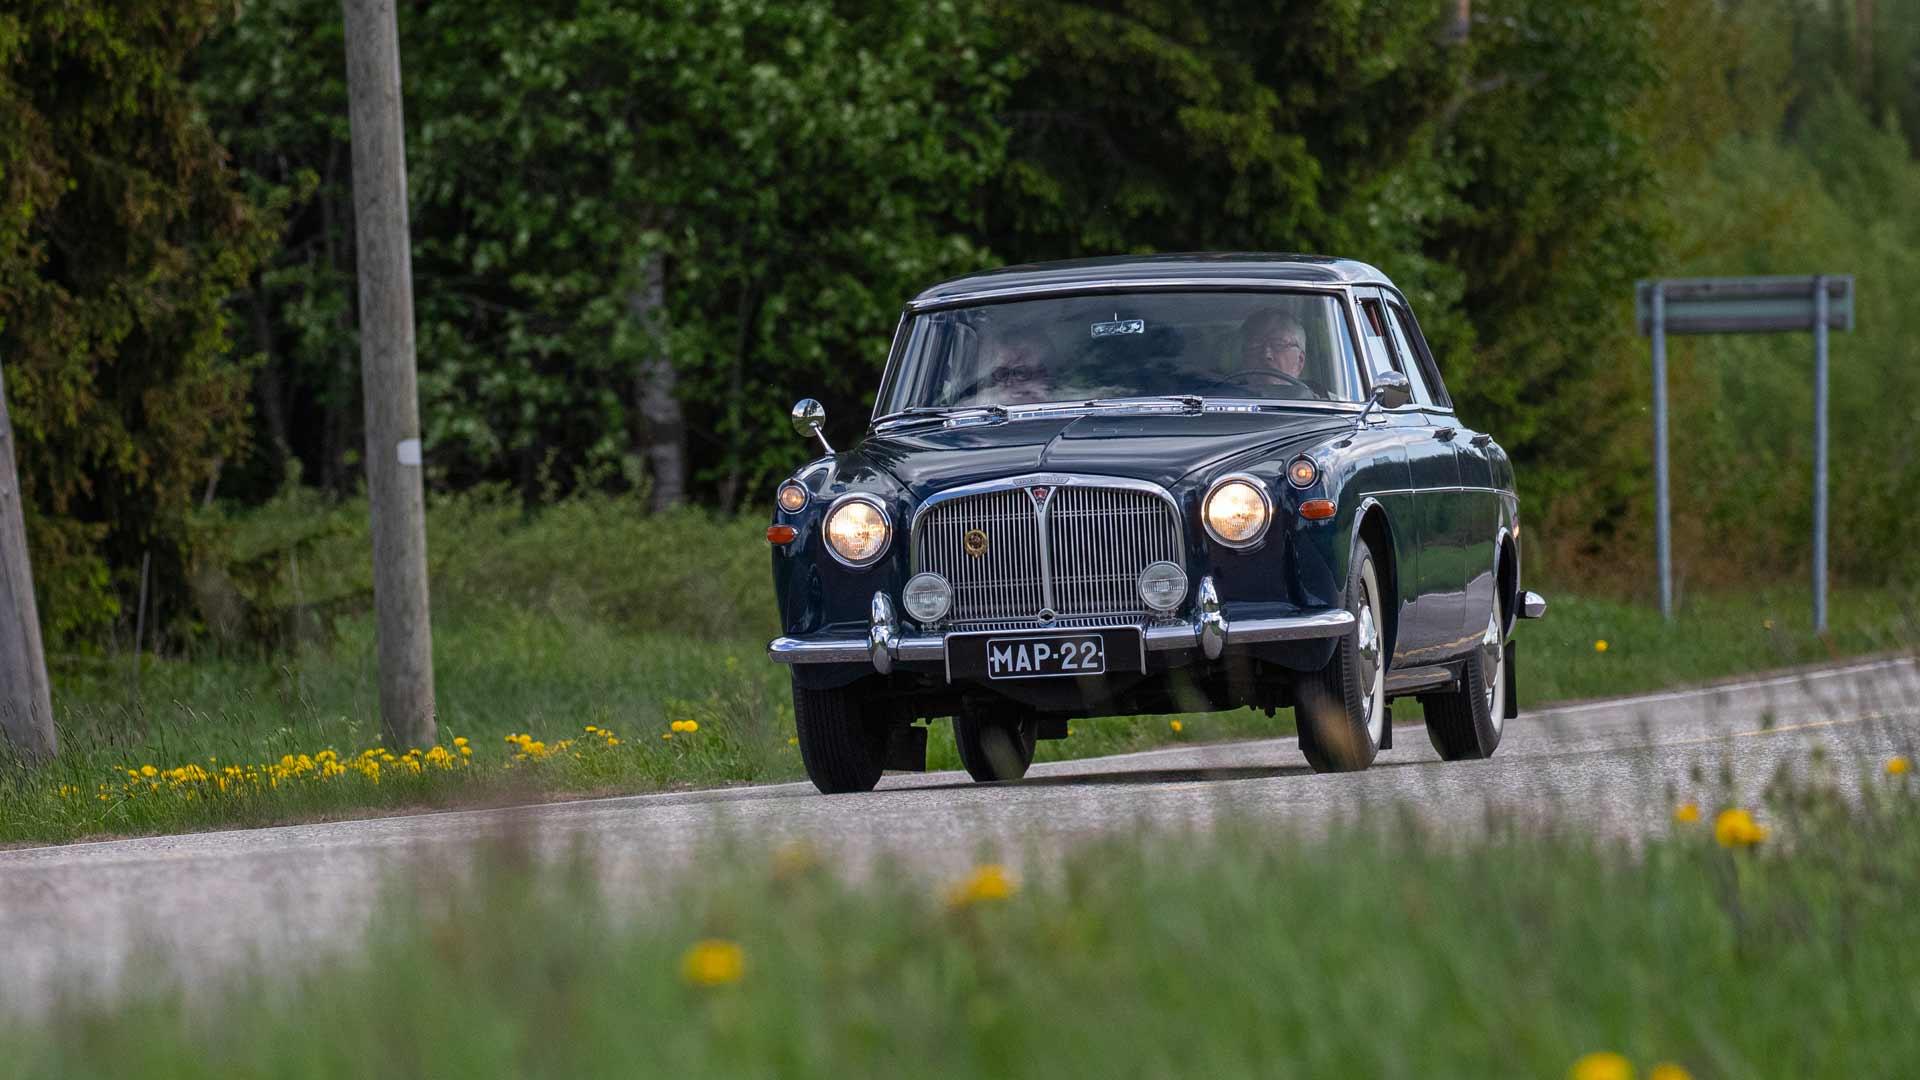 Alun perin englantilaisten aatelisten automalli sopii myös suomalaiseen maalaismaisemaan.